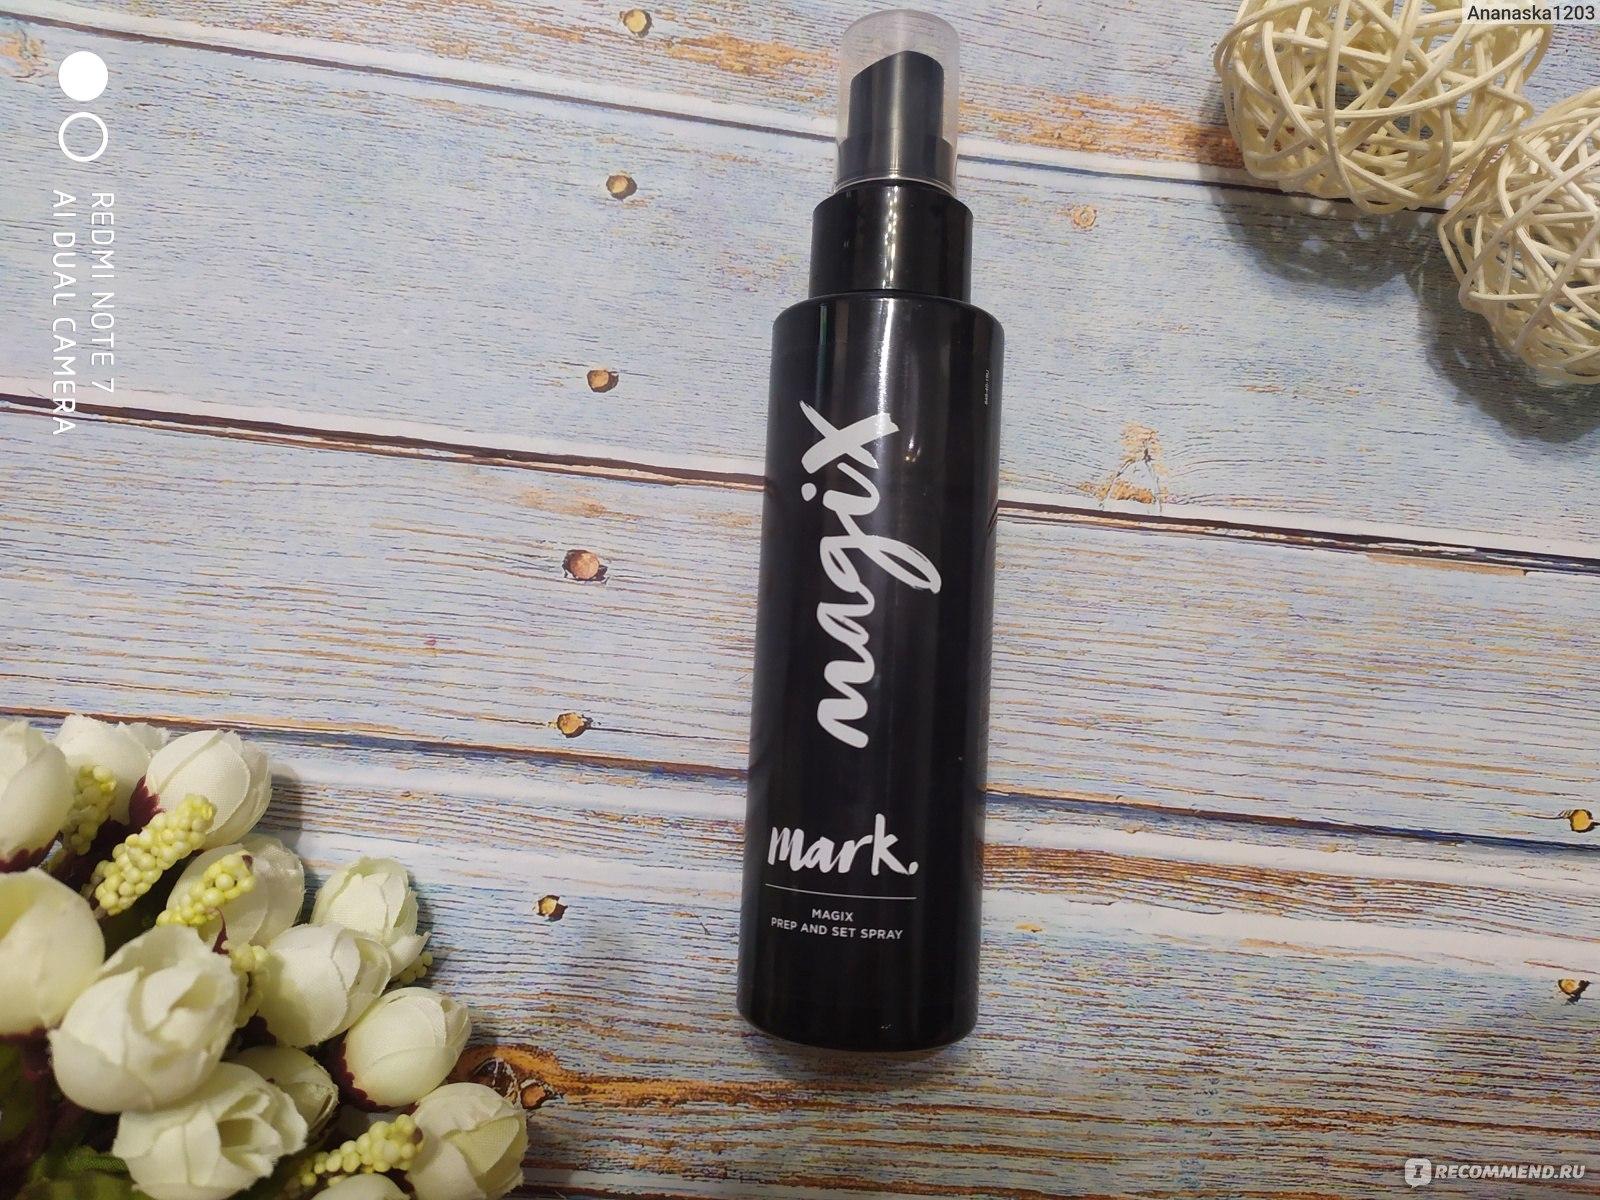 Специальное предложение спрей основа и фиксатор макияжа заказать продукцию эйвон через интернет